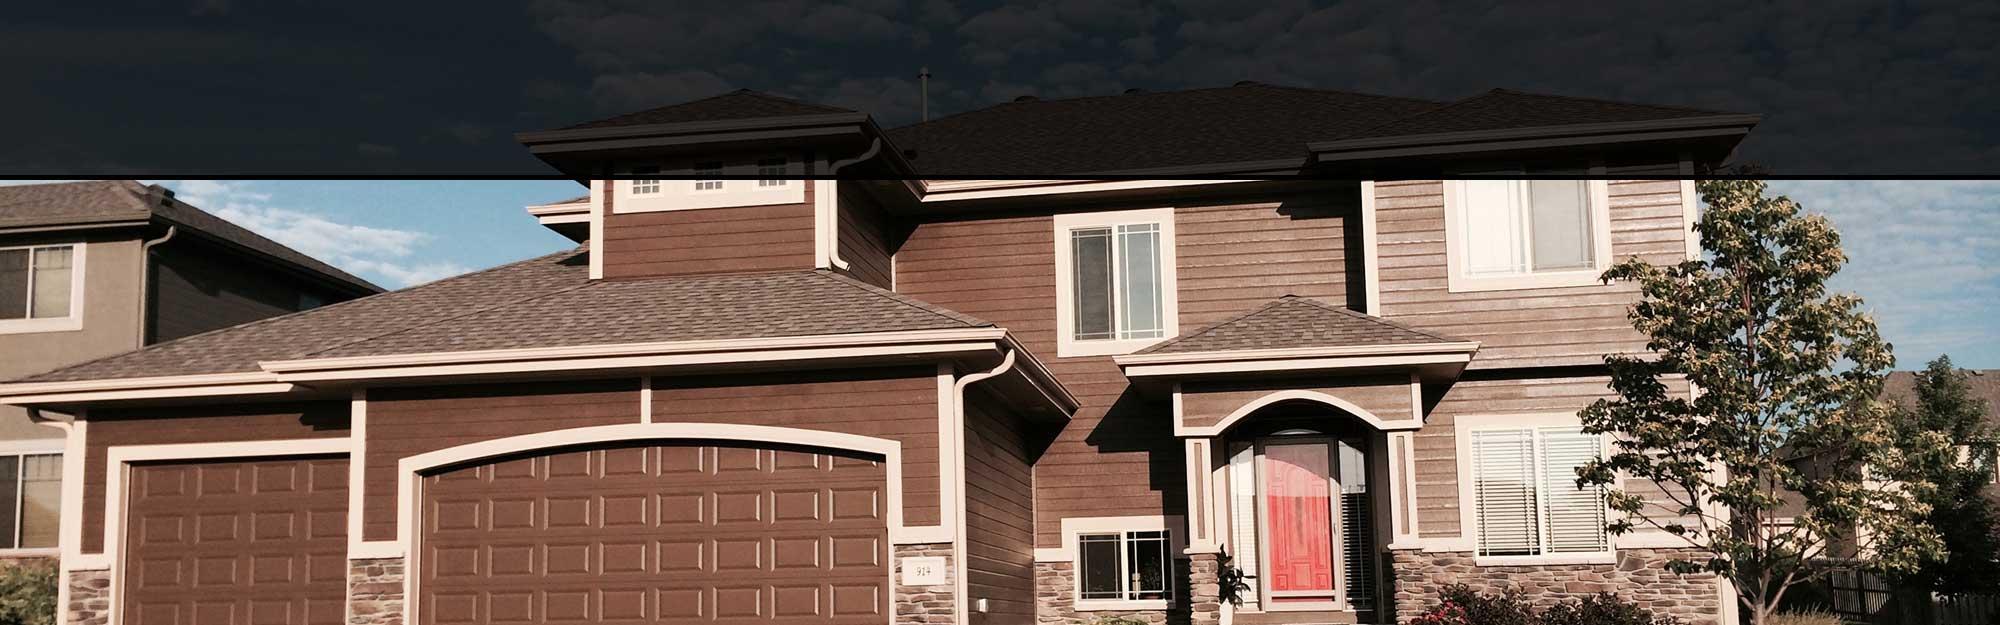 Omaha roofing contractors exterior remodel design of omaha for Exterior remodel and design omaha